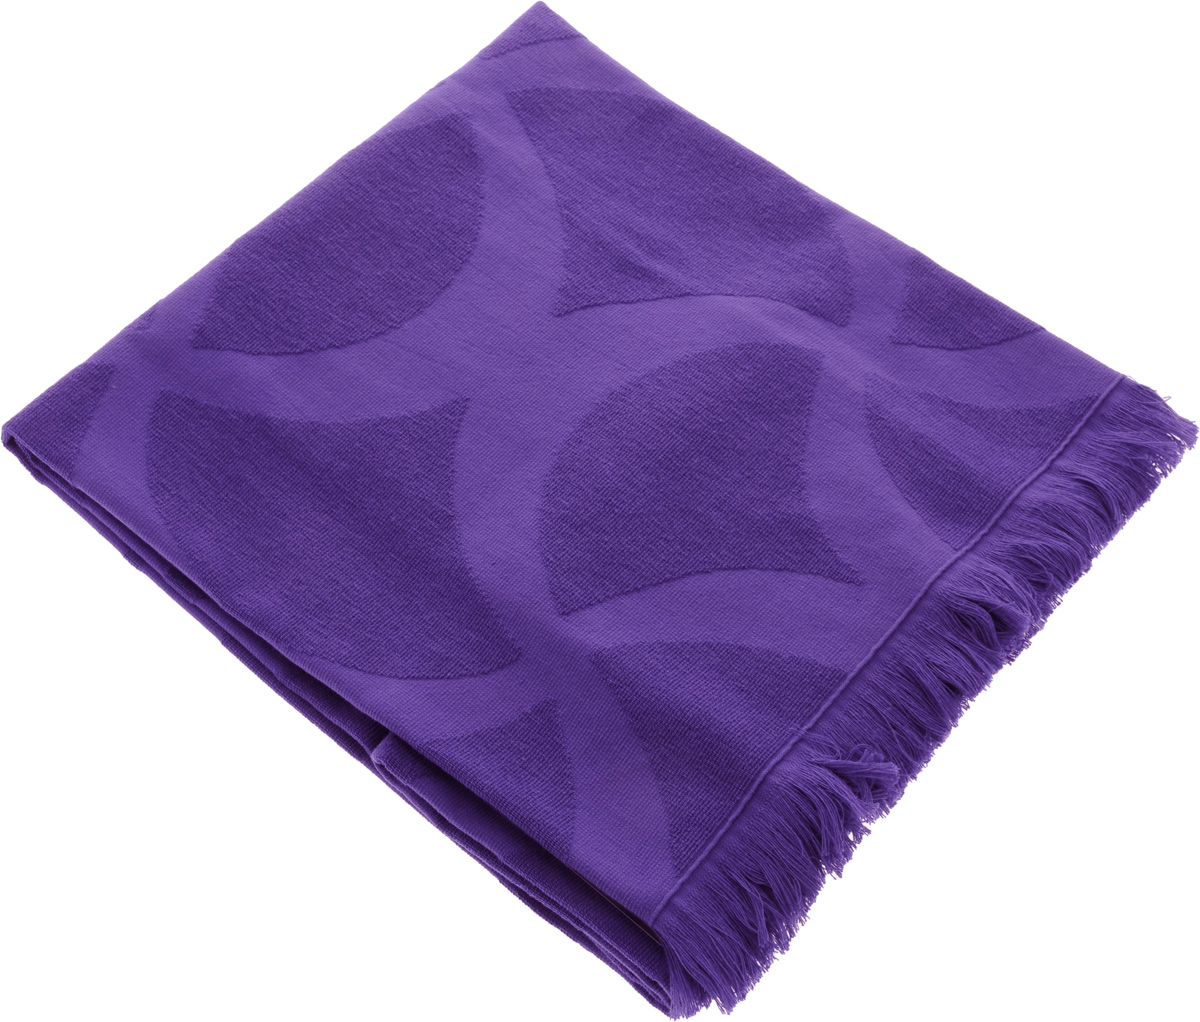 Полотенце Issimo Home Rondelle, цвет: фиолетовый, 90 x 180 см68/5/1Полотенце Issimo Home Rondelle выполнено из 100% хлопка. Изделие отлично впитывает влагу, быстро сохнет, сохраняет яркость цвета и не теряет форму даже после многократных стирок. Полотенце очень практично и неприхотливо в уходе. Оно прекрасно дополнит интерьер ванной комнаты.